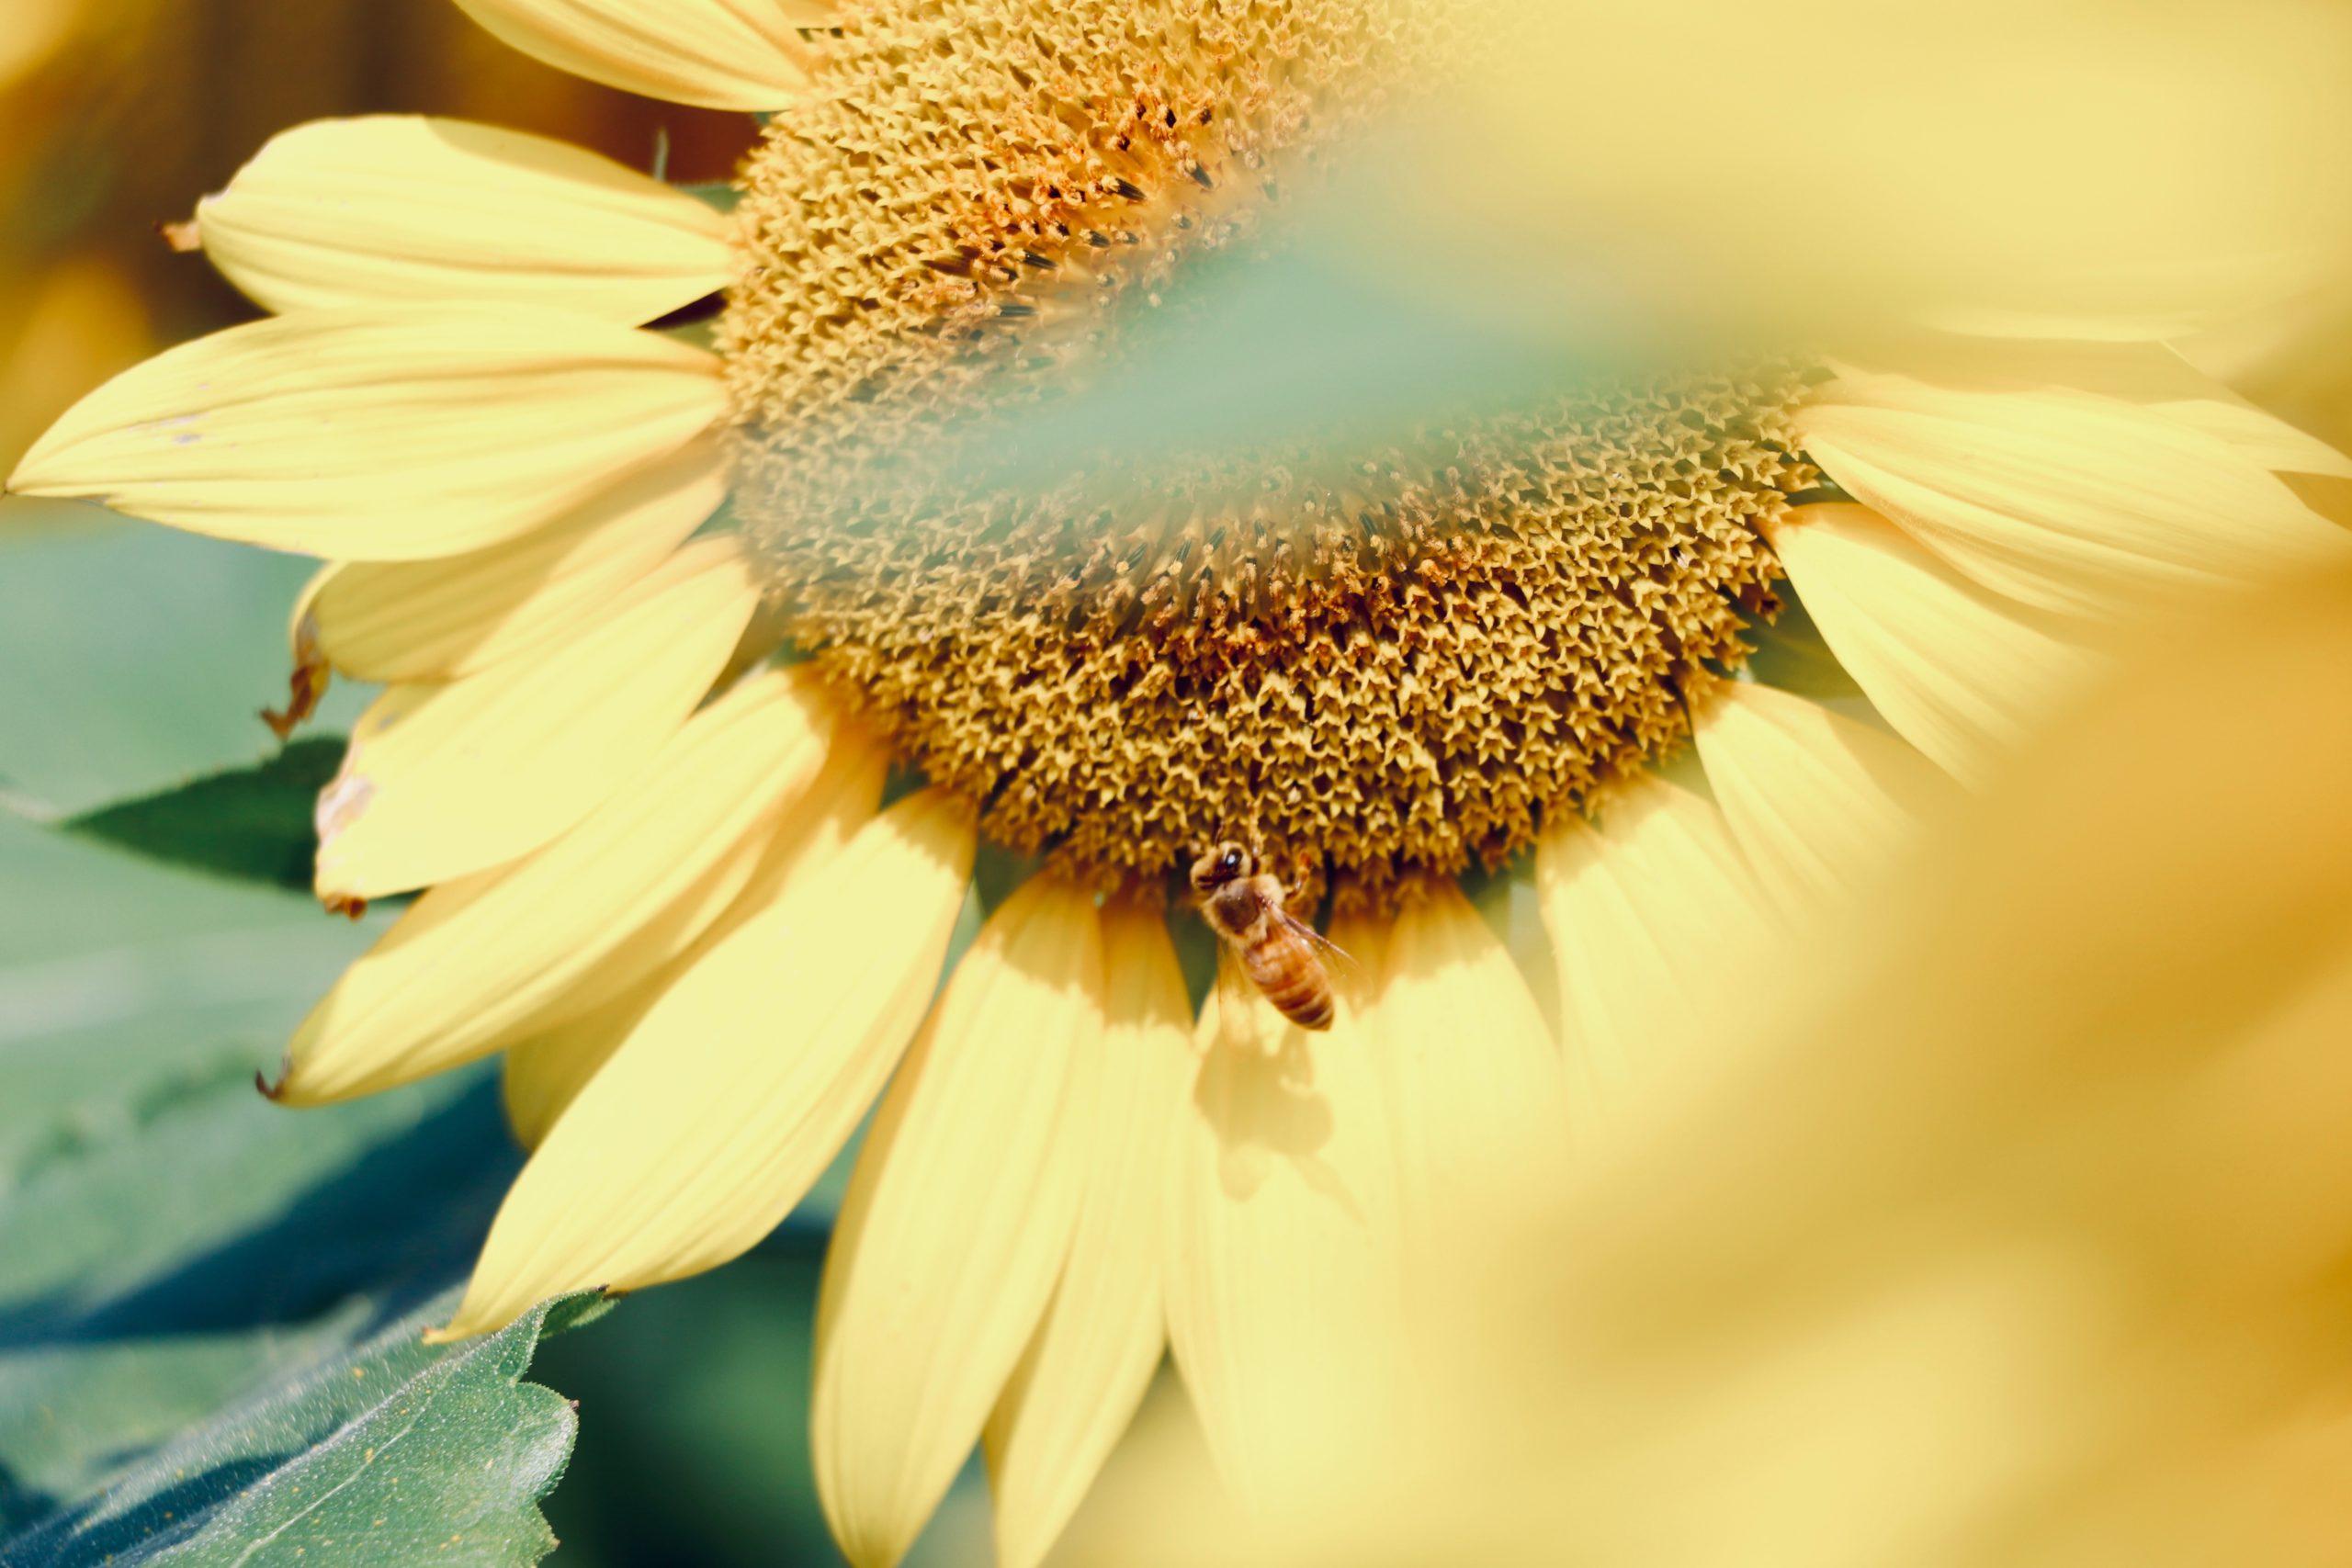 Increíble, pero cierto: a las abejas les encanta la aromaterapia